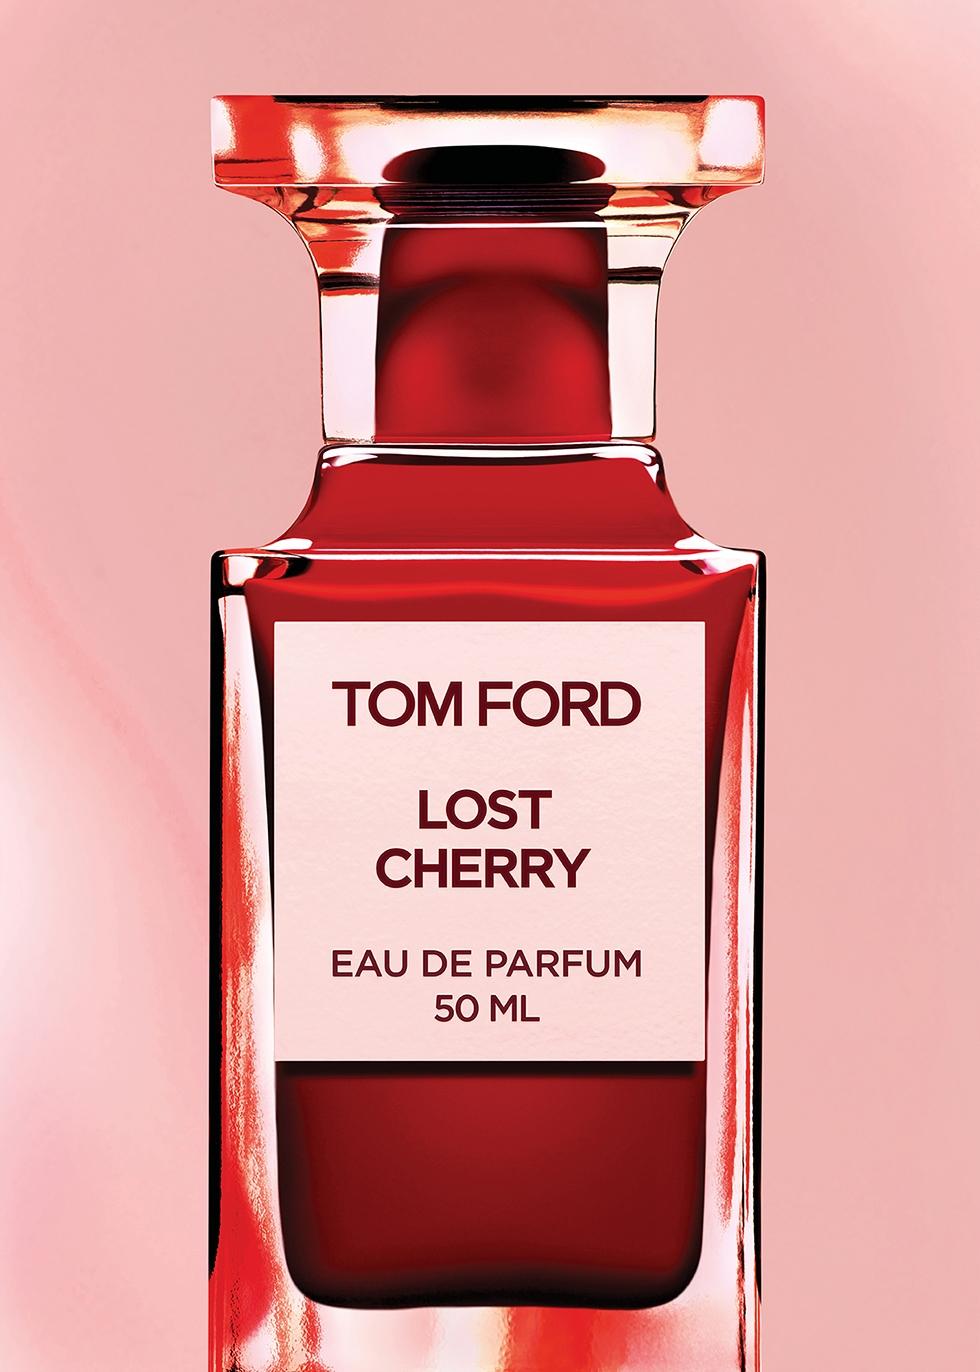 Lost Cherry Eau De Parfum 50ml - Tom Ford